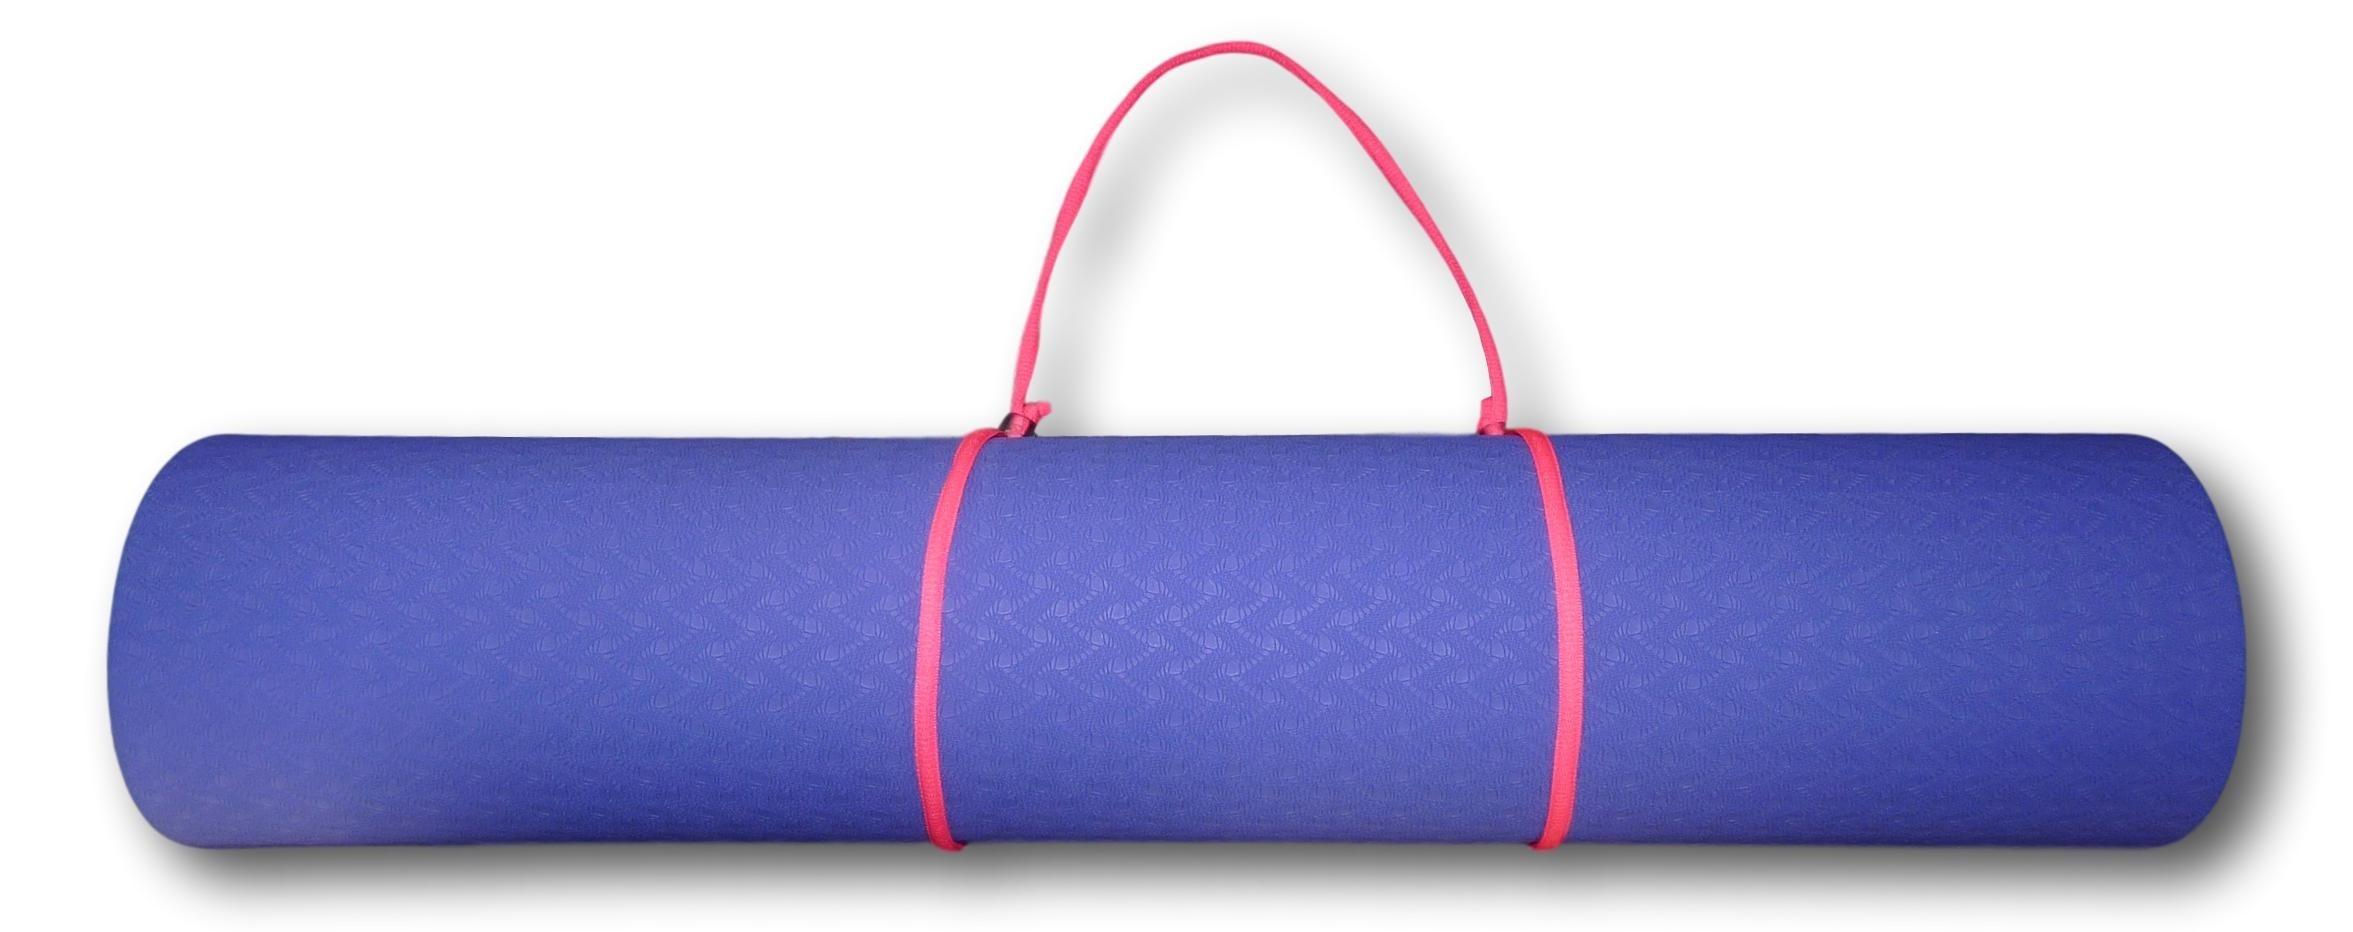 Tapis de yoga et son cordon de transport